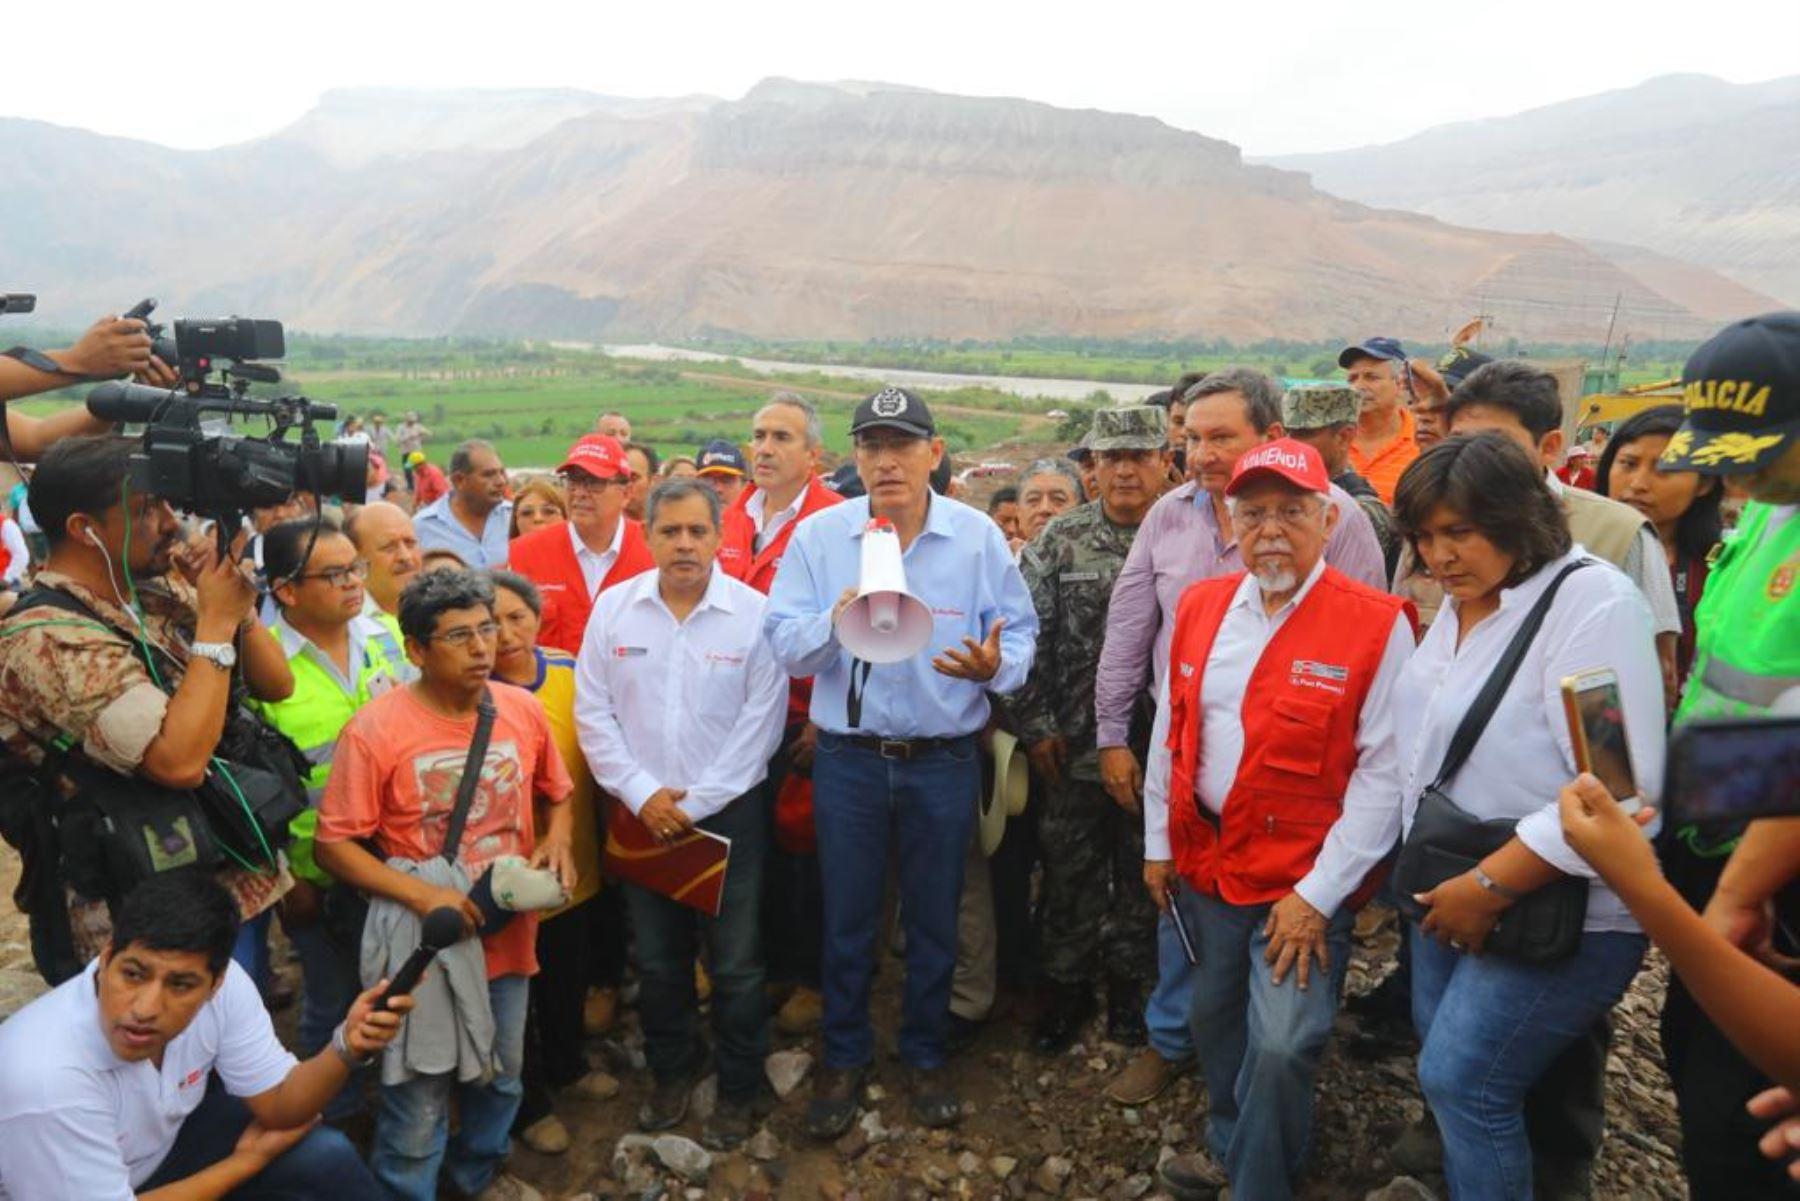 Presidente Martín Vizcarra inspecciona zonas afectadas por huaicos en Aplao, Arequipa.